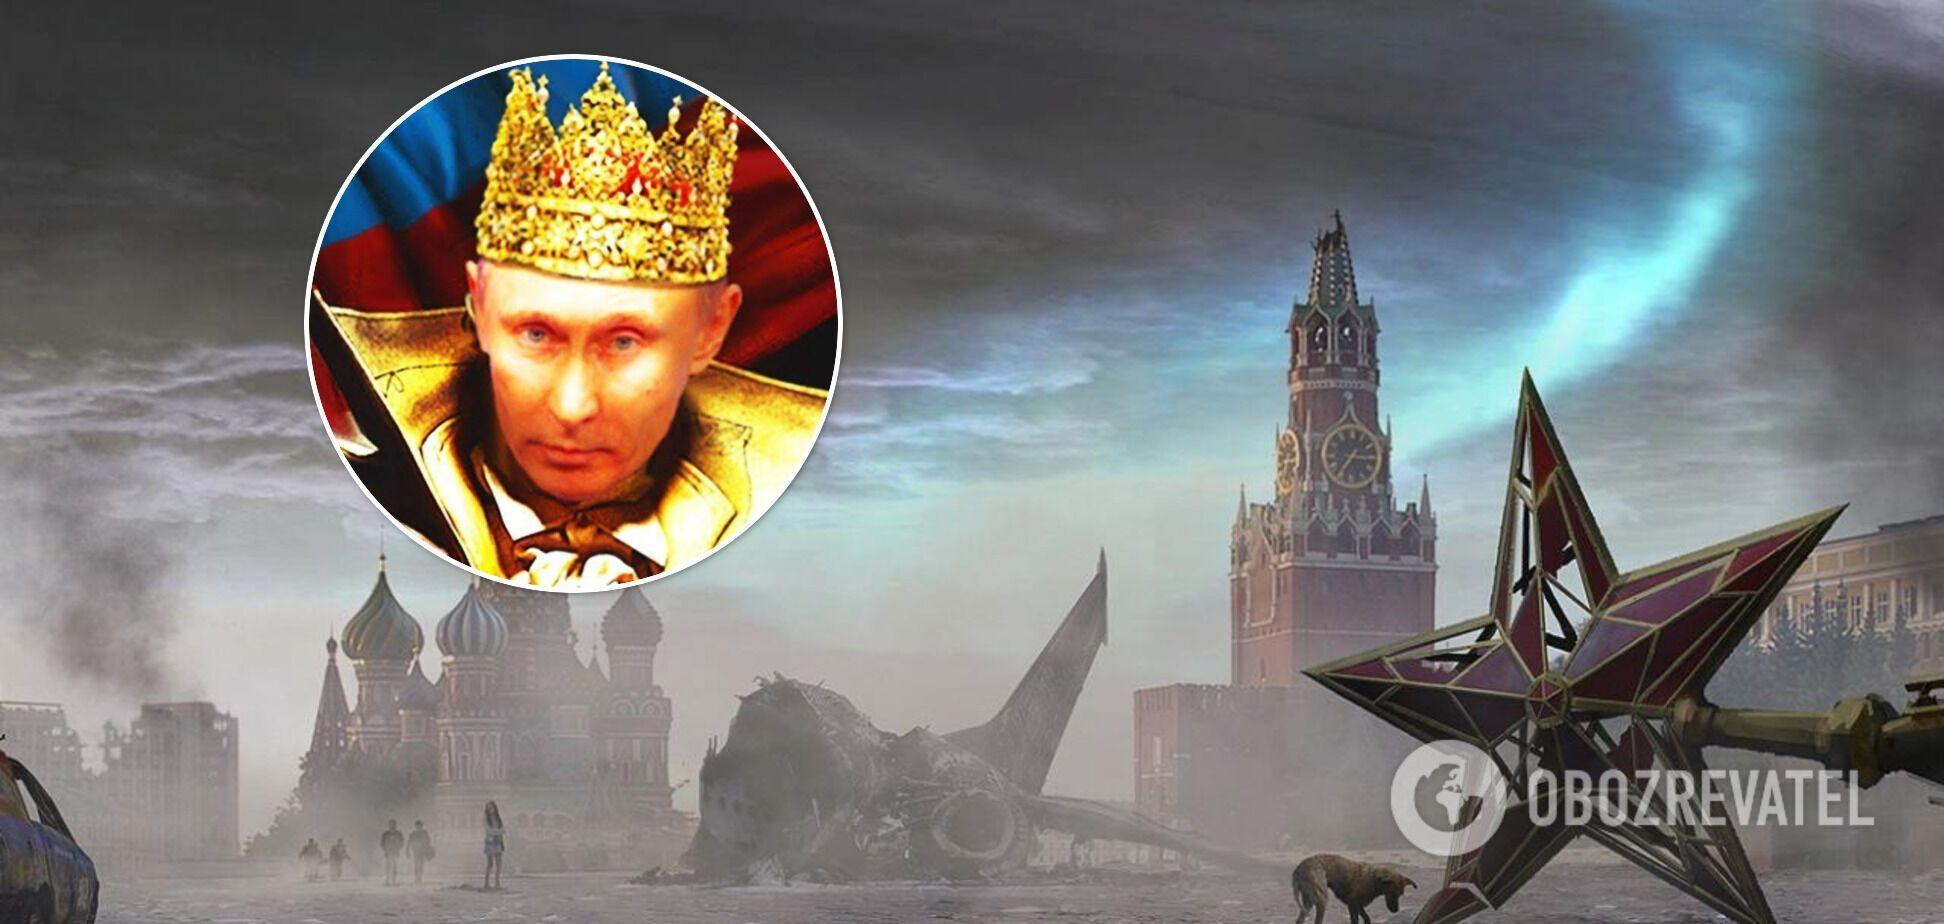 Операция 'Устранение ущербного лидера': возможна ли Россия после Путина?